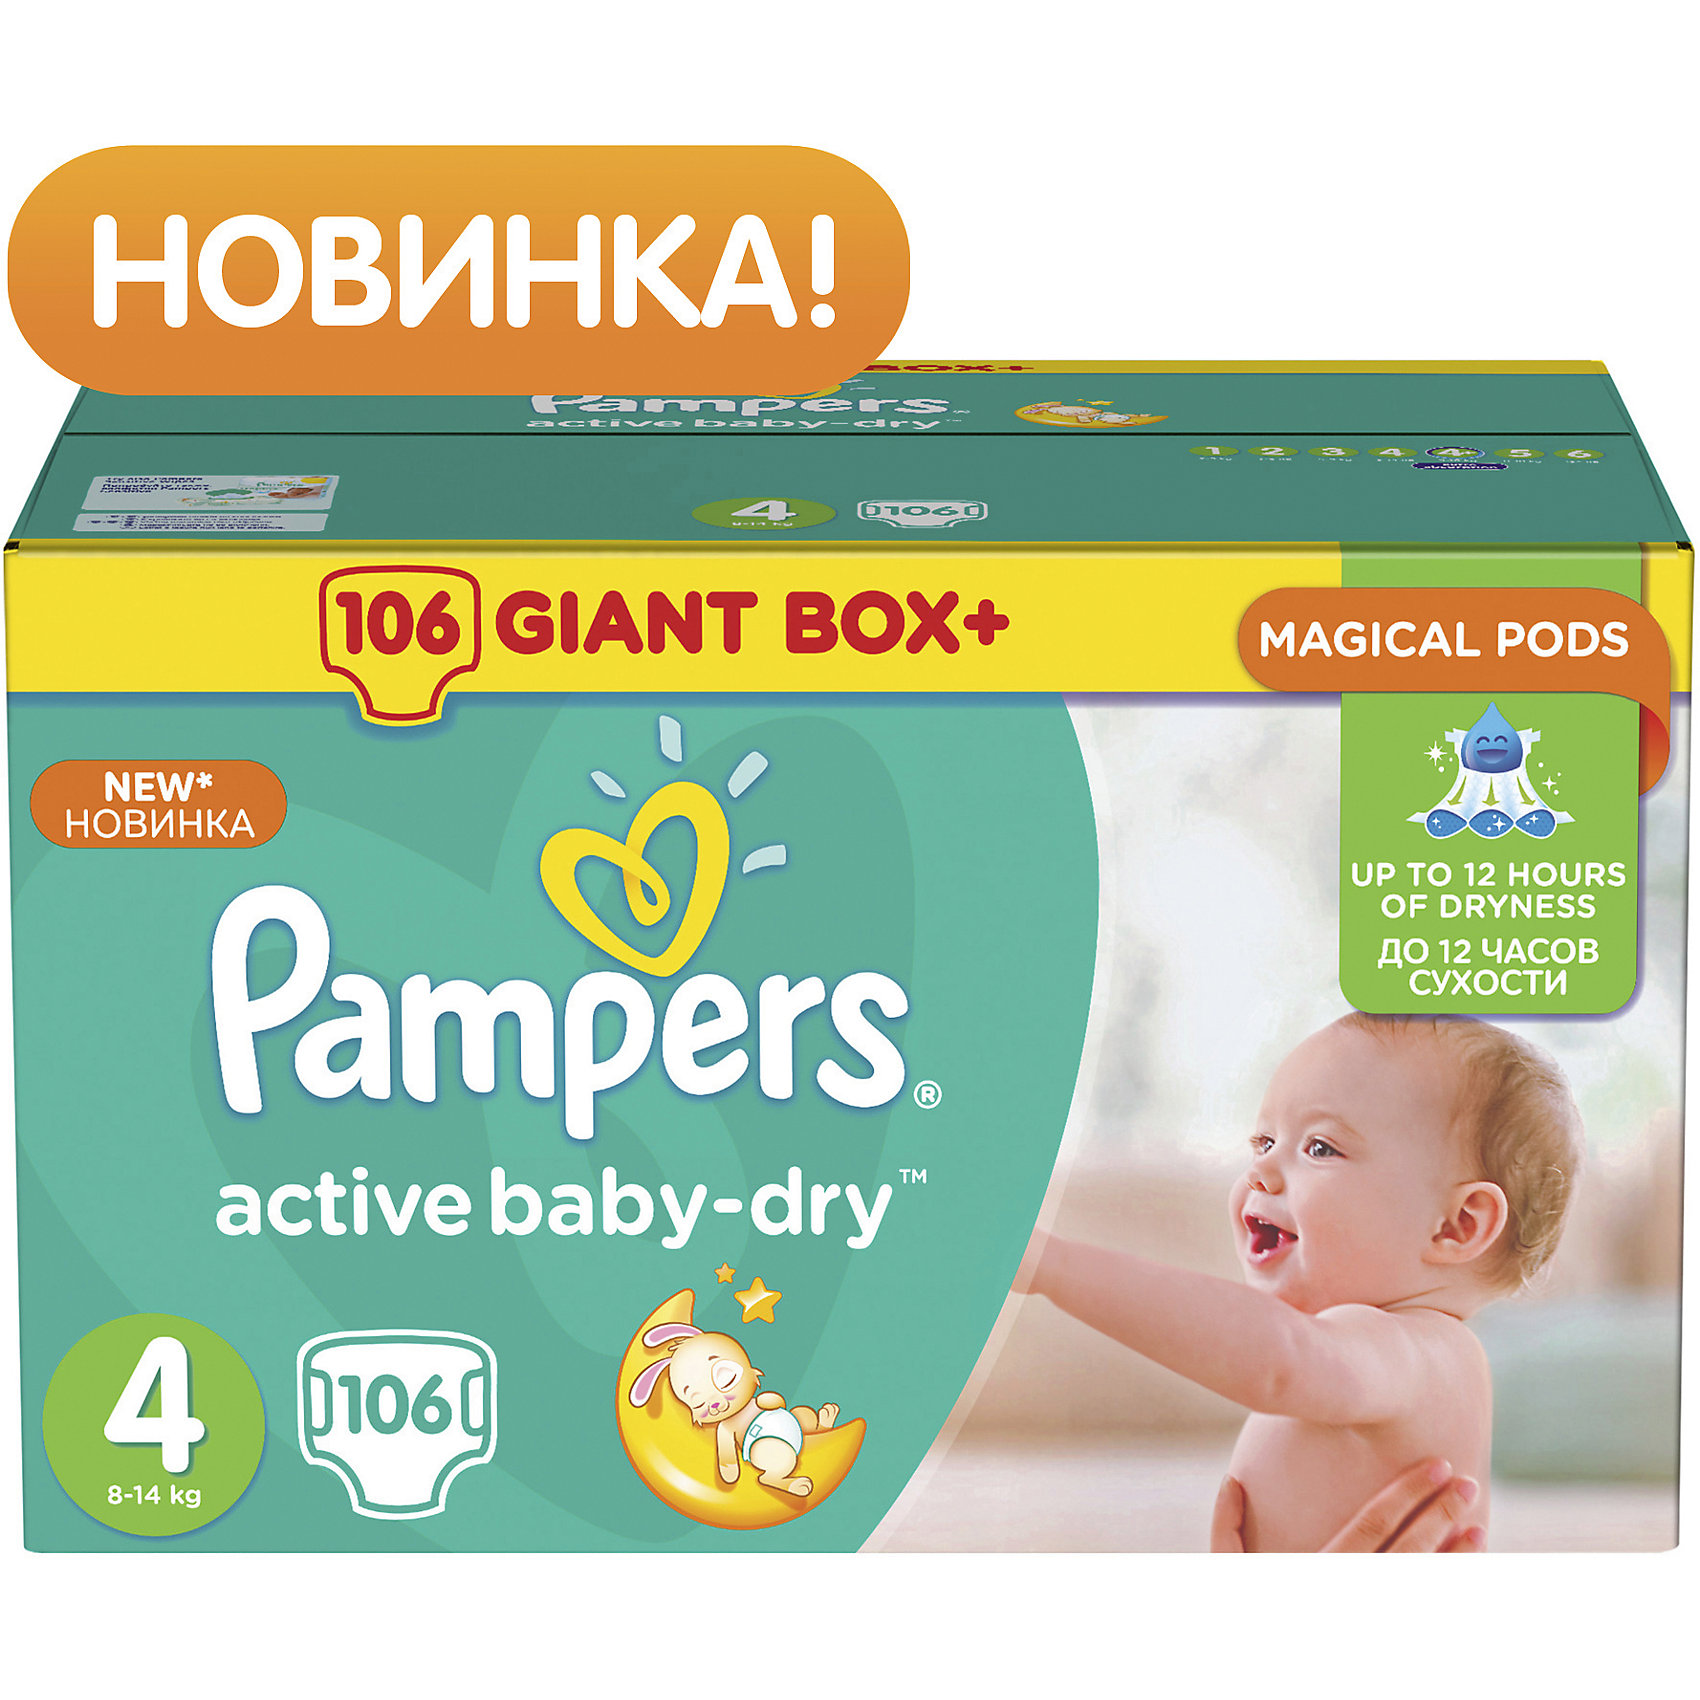 Подгузники Pampers Active Baby-Dry, 8-14 кг, 4 размер, 106 шт., PampersПодгузники 5-12 кг.<br>Характеристики:<br><br>• Пол: универсальный<br>• Тип подгузника: одноразовый<br>• Коллекция: Active Baby-Dry<br>• Предназначение: для использования в любое время суток <br>• Размер: 4<br>• Вес ребенка: от 8 до 14 кг<br>• Количество в упаковке: 106 шт.<br>• Упаковка: картонная коробка<br>• Размер упаковки: 45,7*24,9*23,8 см<br>• Вес в упаковке: 3 кг 824 г<br>• Эластичные застежки-липучки<br>• Быстро впитывающий слой<br>• Мягкий верхний слой<br>• Сохранение сухости в течение 12-ти часов<br><br>Подгузники Pampers Active Baby-Dry, 8-14 кг, 4 размер, 106 шт., Pampers – это линейка классических детских подгузников от Pampers, которая сочетает в себе качество и безопасность материалов, удобство использования и комфорт для нежной кожи малыша. Подгузники предназначены для младенцев весом до 14 кг. Инновационные технологии и современные материалы обеспечивают этим подгузникам Дышащие свойства, что особенно важно для кожи малыша. <br><br>Впитывающие свойства изделию обеспечивает уникальный слой, состоящий из жемчужных микрогранул. У подгузников предусмотрена эластичная мягкая резиночка на спинке. Широкие липучки с двух сторон обеспечивают надежную фиксацию. Подгузник имеет мягкий верхний слой, который обеспечивает не только комфорт, но и защищает кожу ребенка от раздражений. Подгузник подходит как для мальчиков, так и для девочек. <br><br>Подгузники Pampers Active Baby-Dry, 8-14 кг, 4 размер, 106 шт., Pampers можно купить в нашем интернет-магазине.<br><br>Ширина мм: 457<br>Глубина мм: 249<br>Высота мм: 238<br>Вес г: 3824<br>Возраст от месяцев: 6<br>Возраст до месяцев: 24<br>Пол: Унисекс<br>Возраст: Детский<br>SKU: 5419085